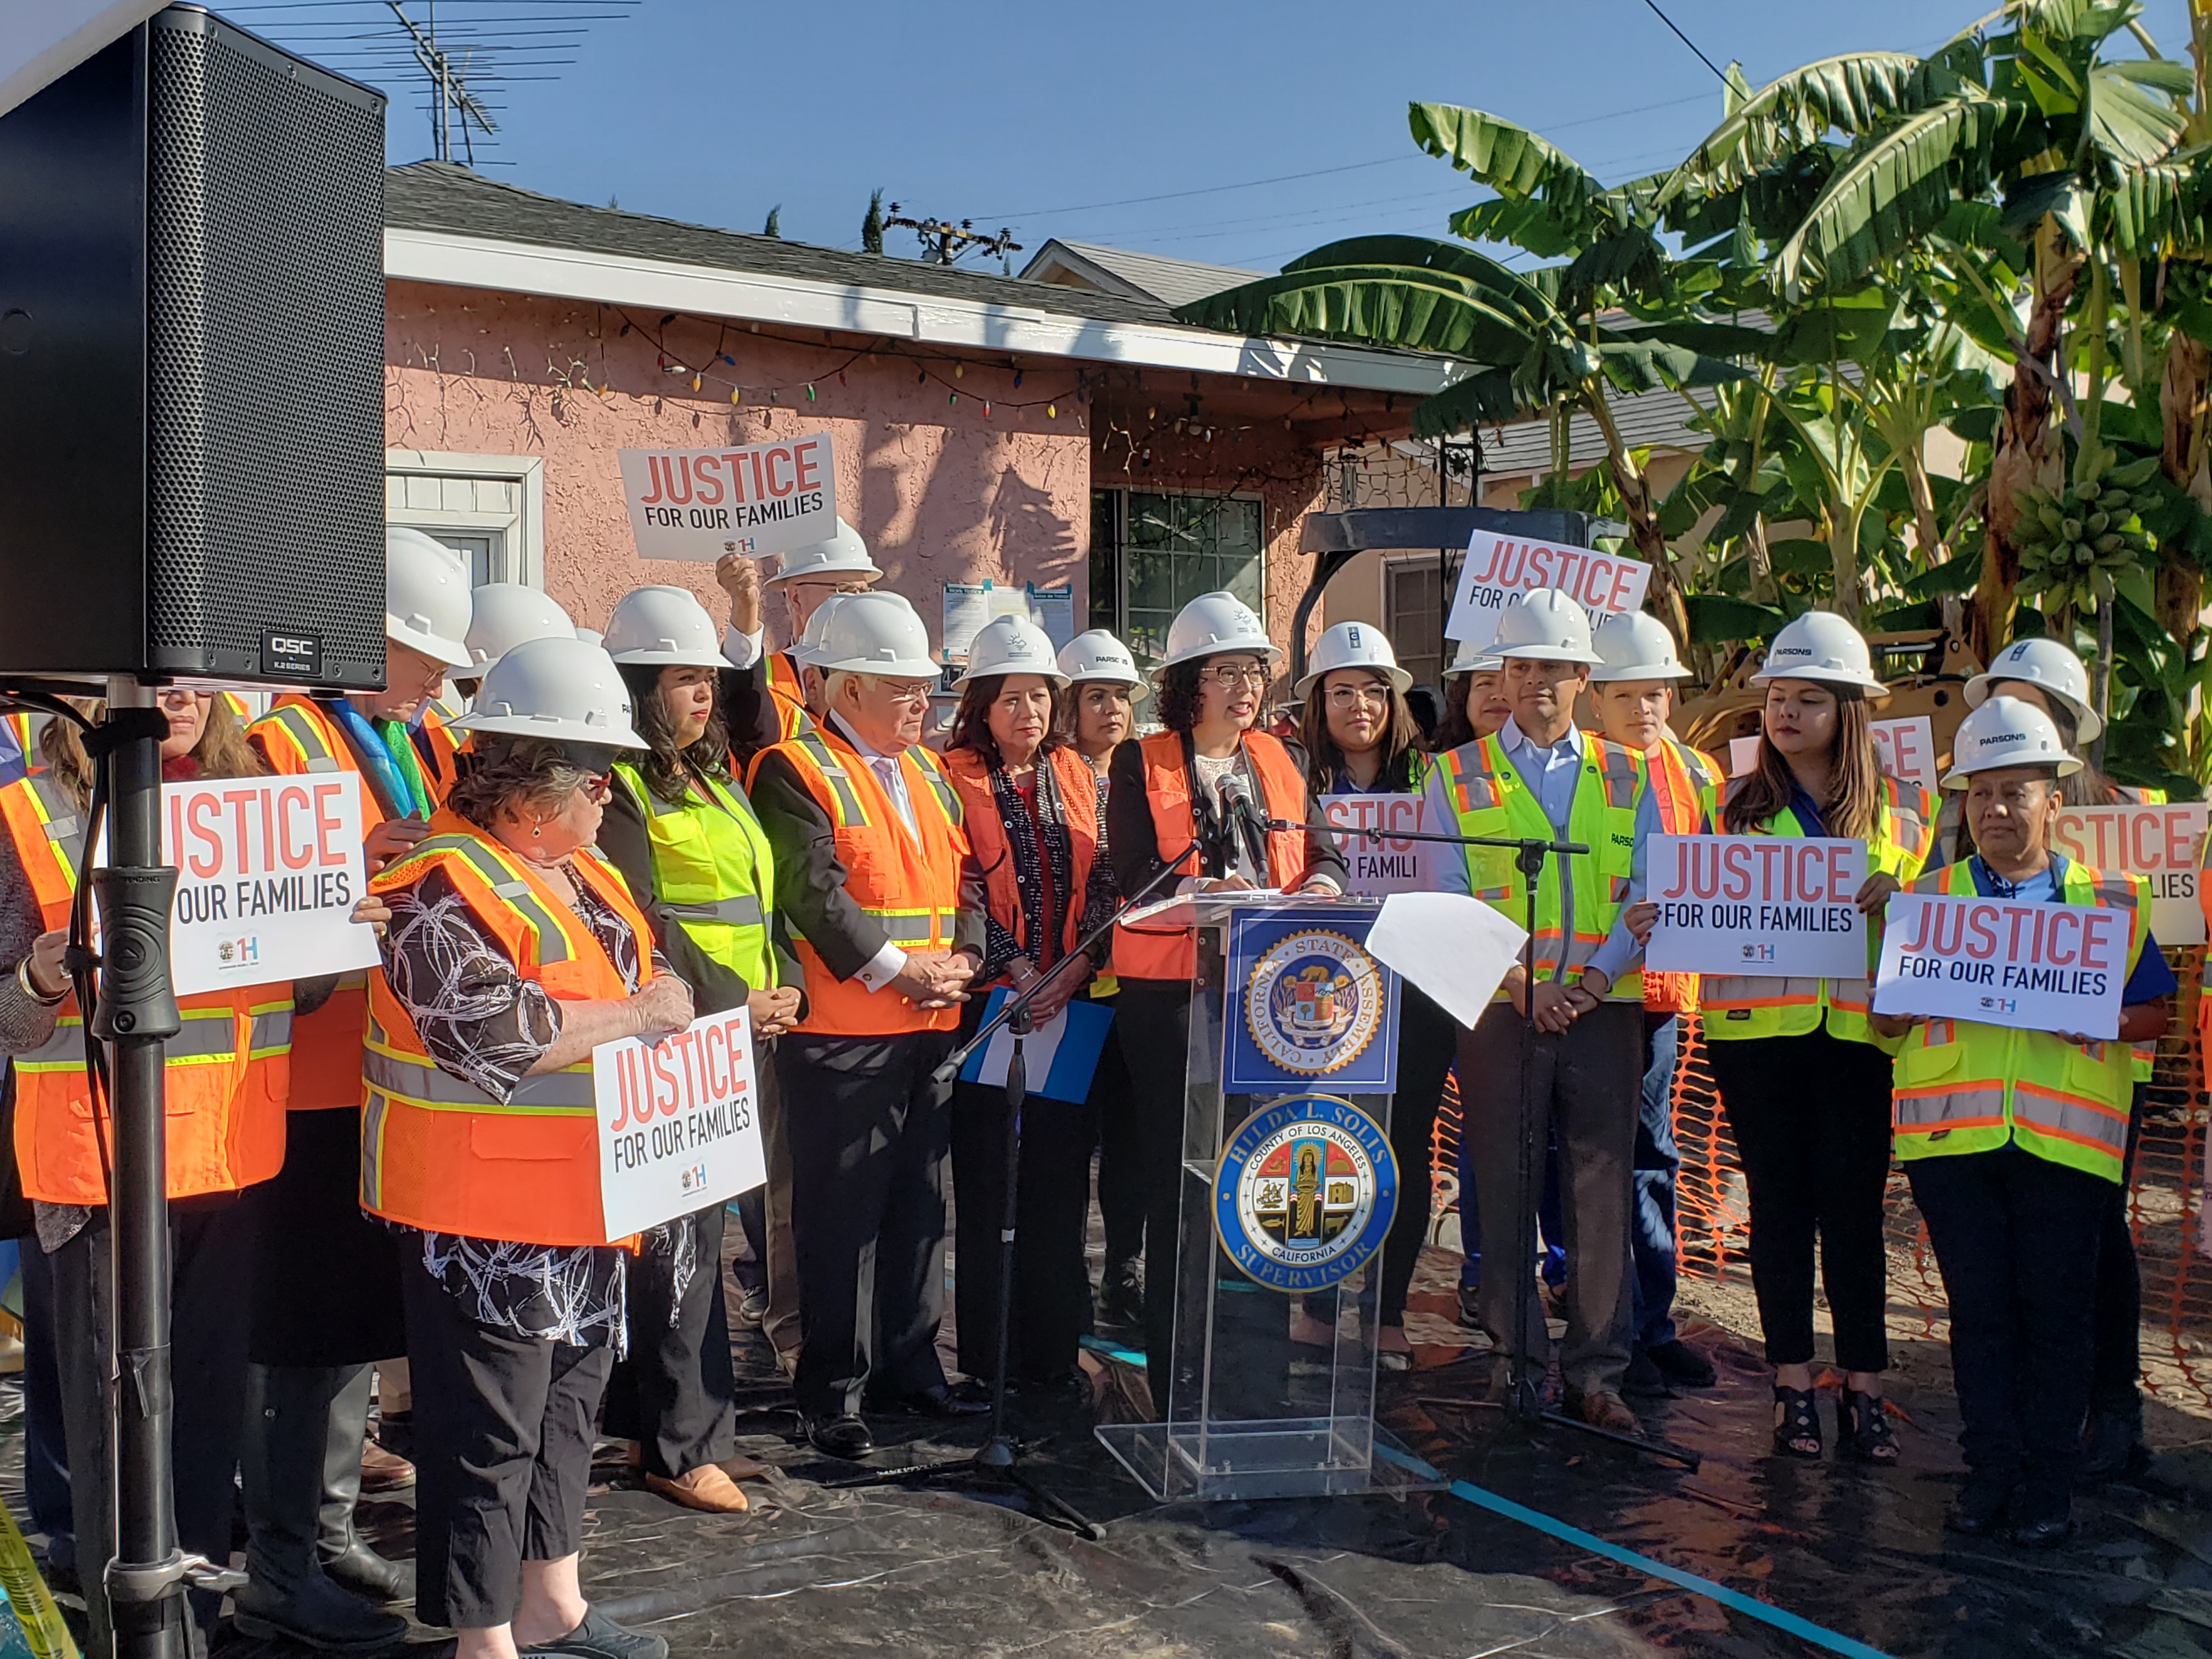 Asamblista Cristina Garcia anuncia los fondos millonarios para limpiar casas contaminadas por Exide